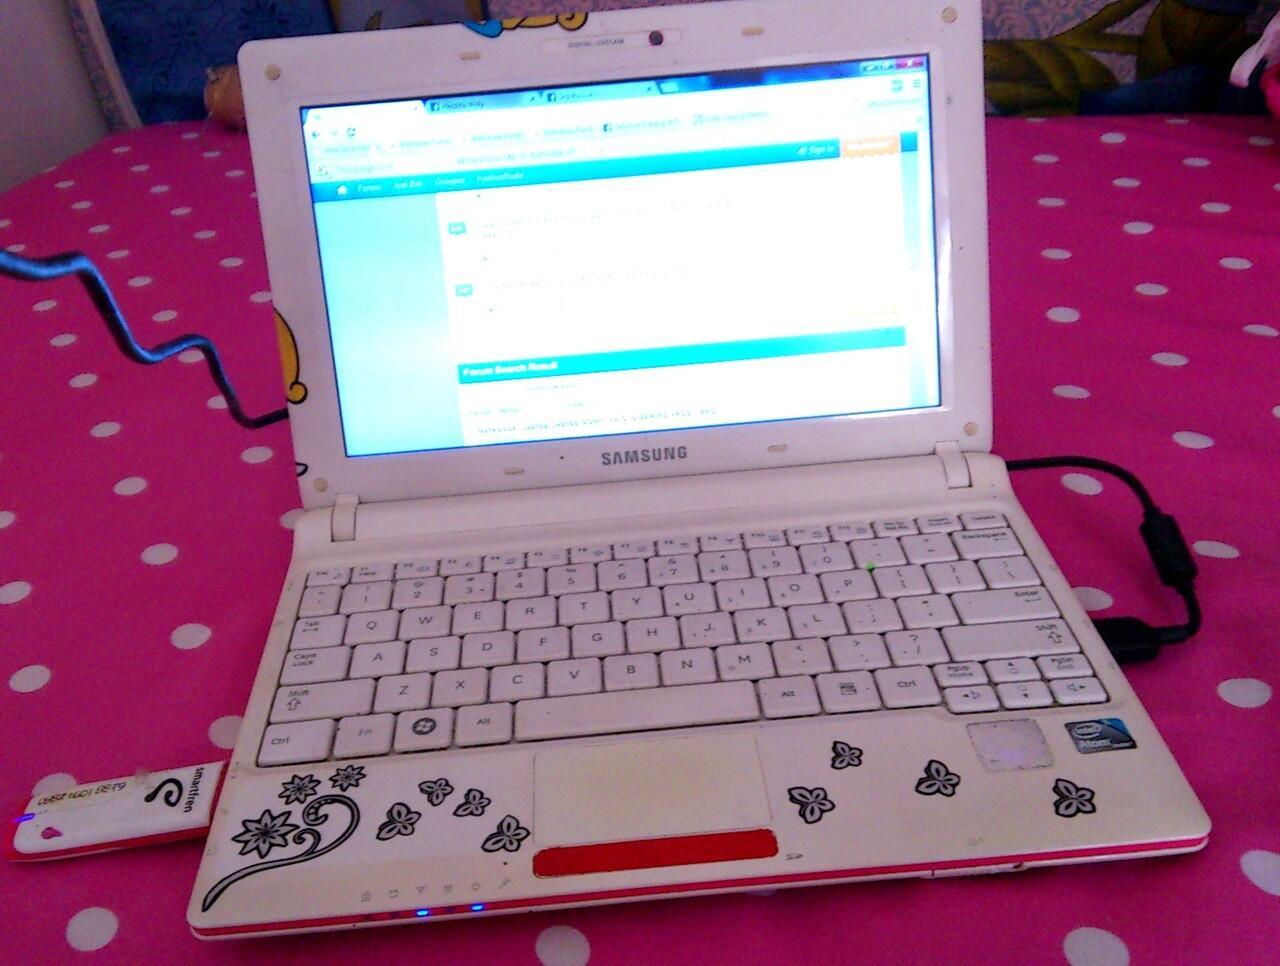 Notebook samsung kaskus - Jual Notebook Samsung N148 Plus Pink